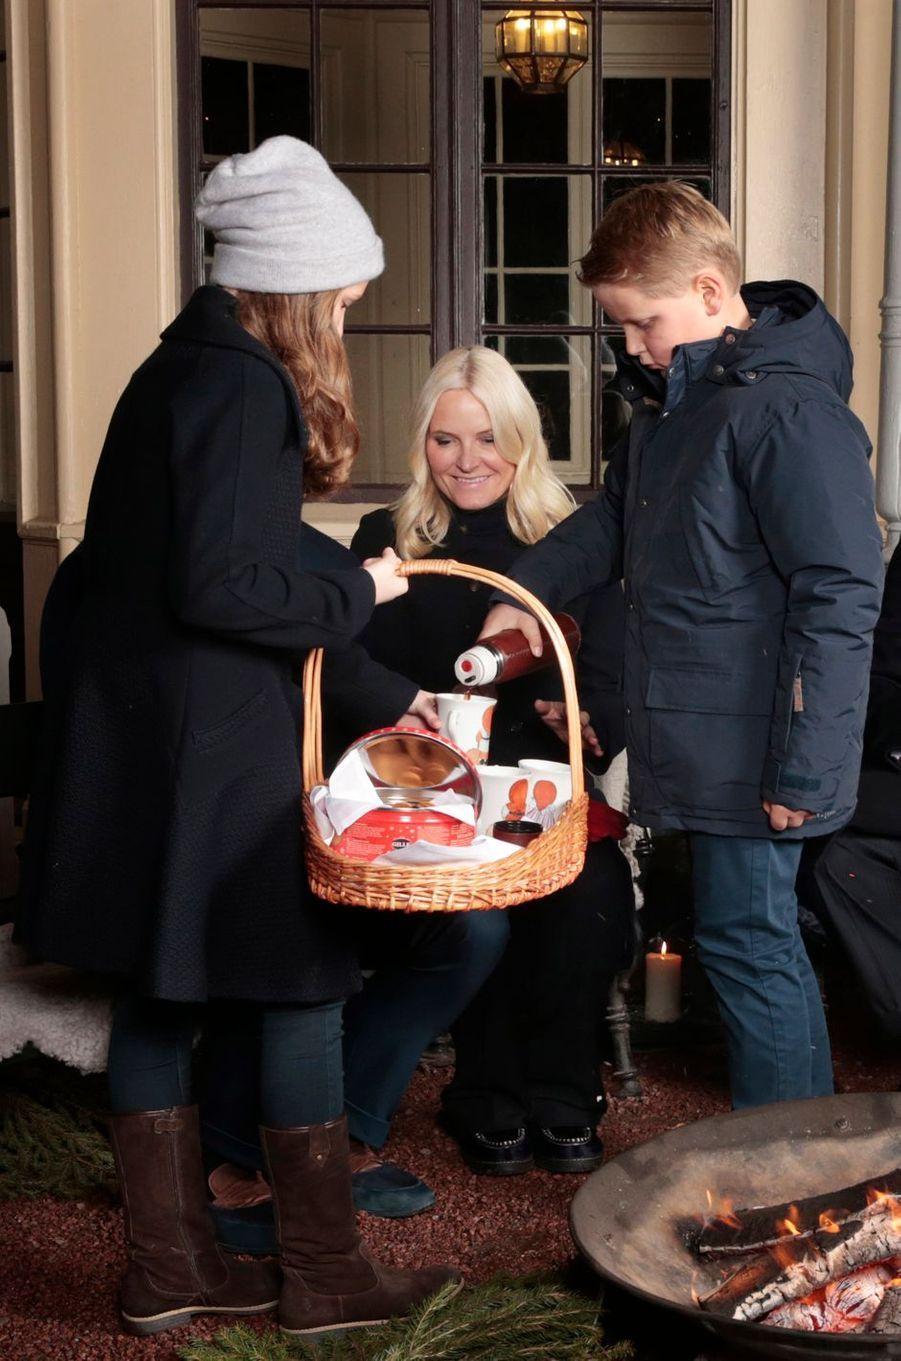 La princesse Ingrid Alexandra et le prince Sverre Magnus avec leur mère la princesse Mette-Marit de Norvège à Oslo, le 20 décembre 2016